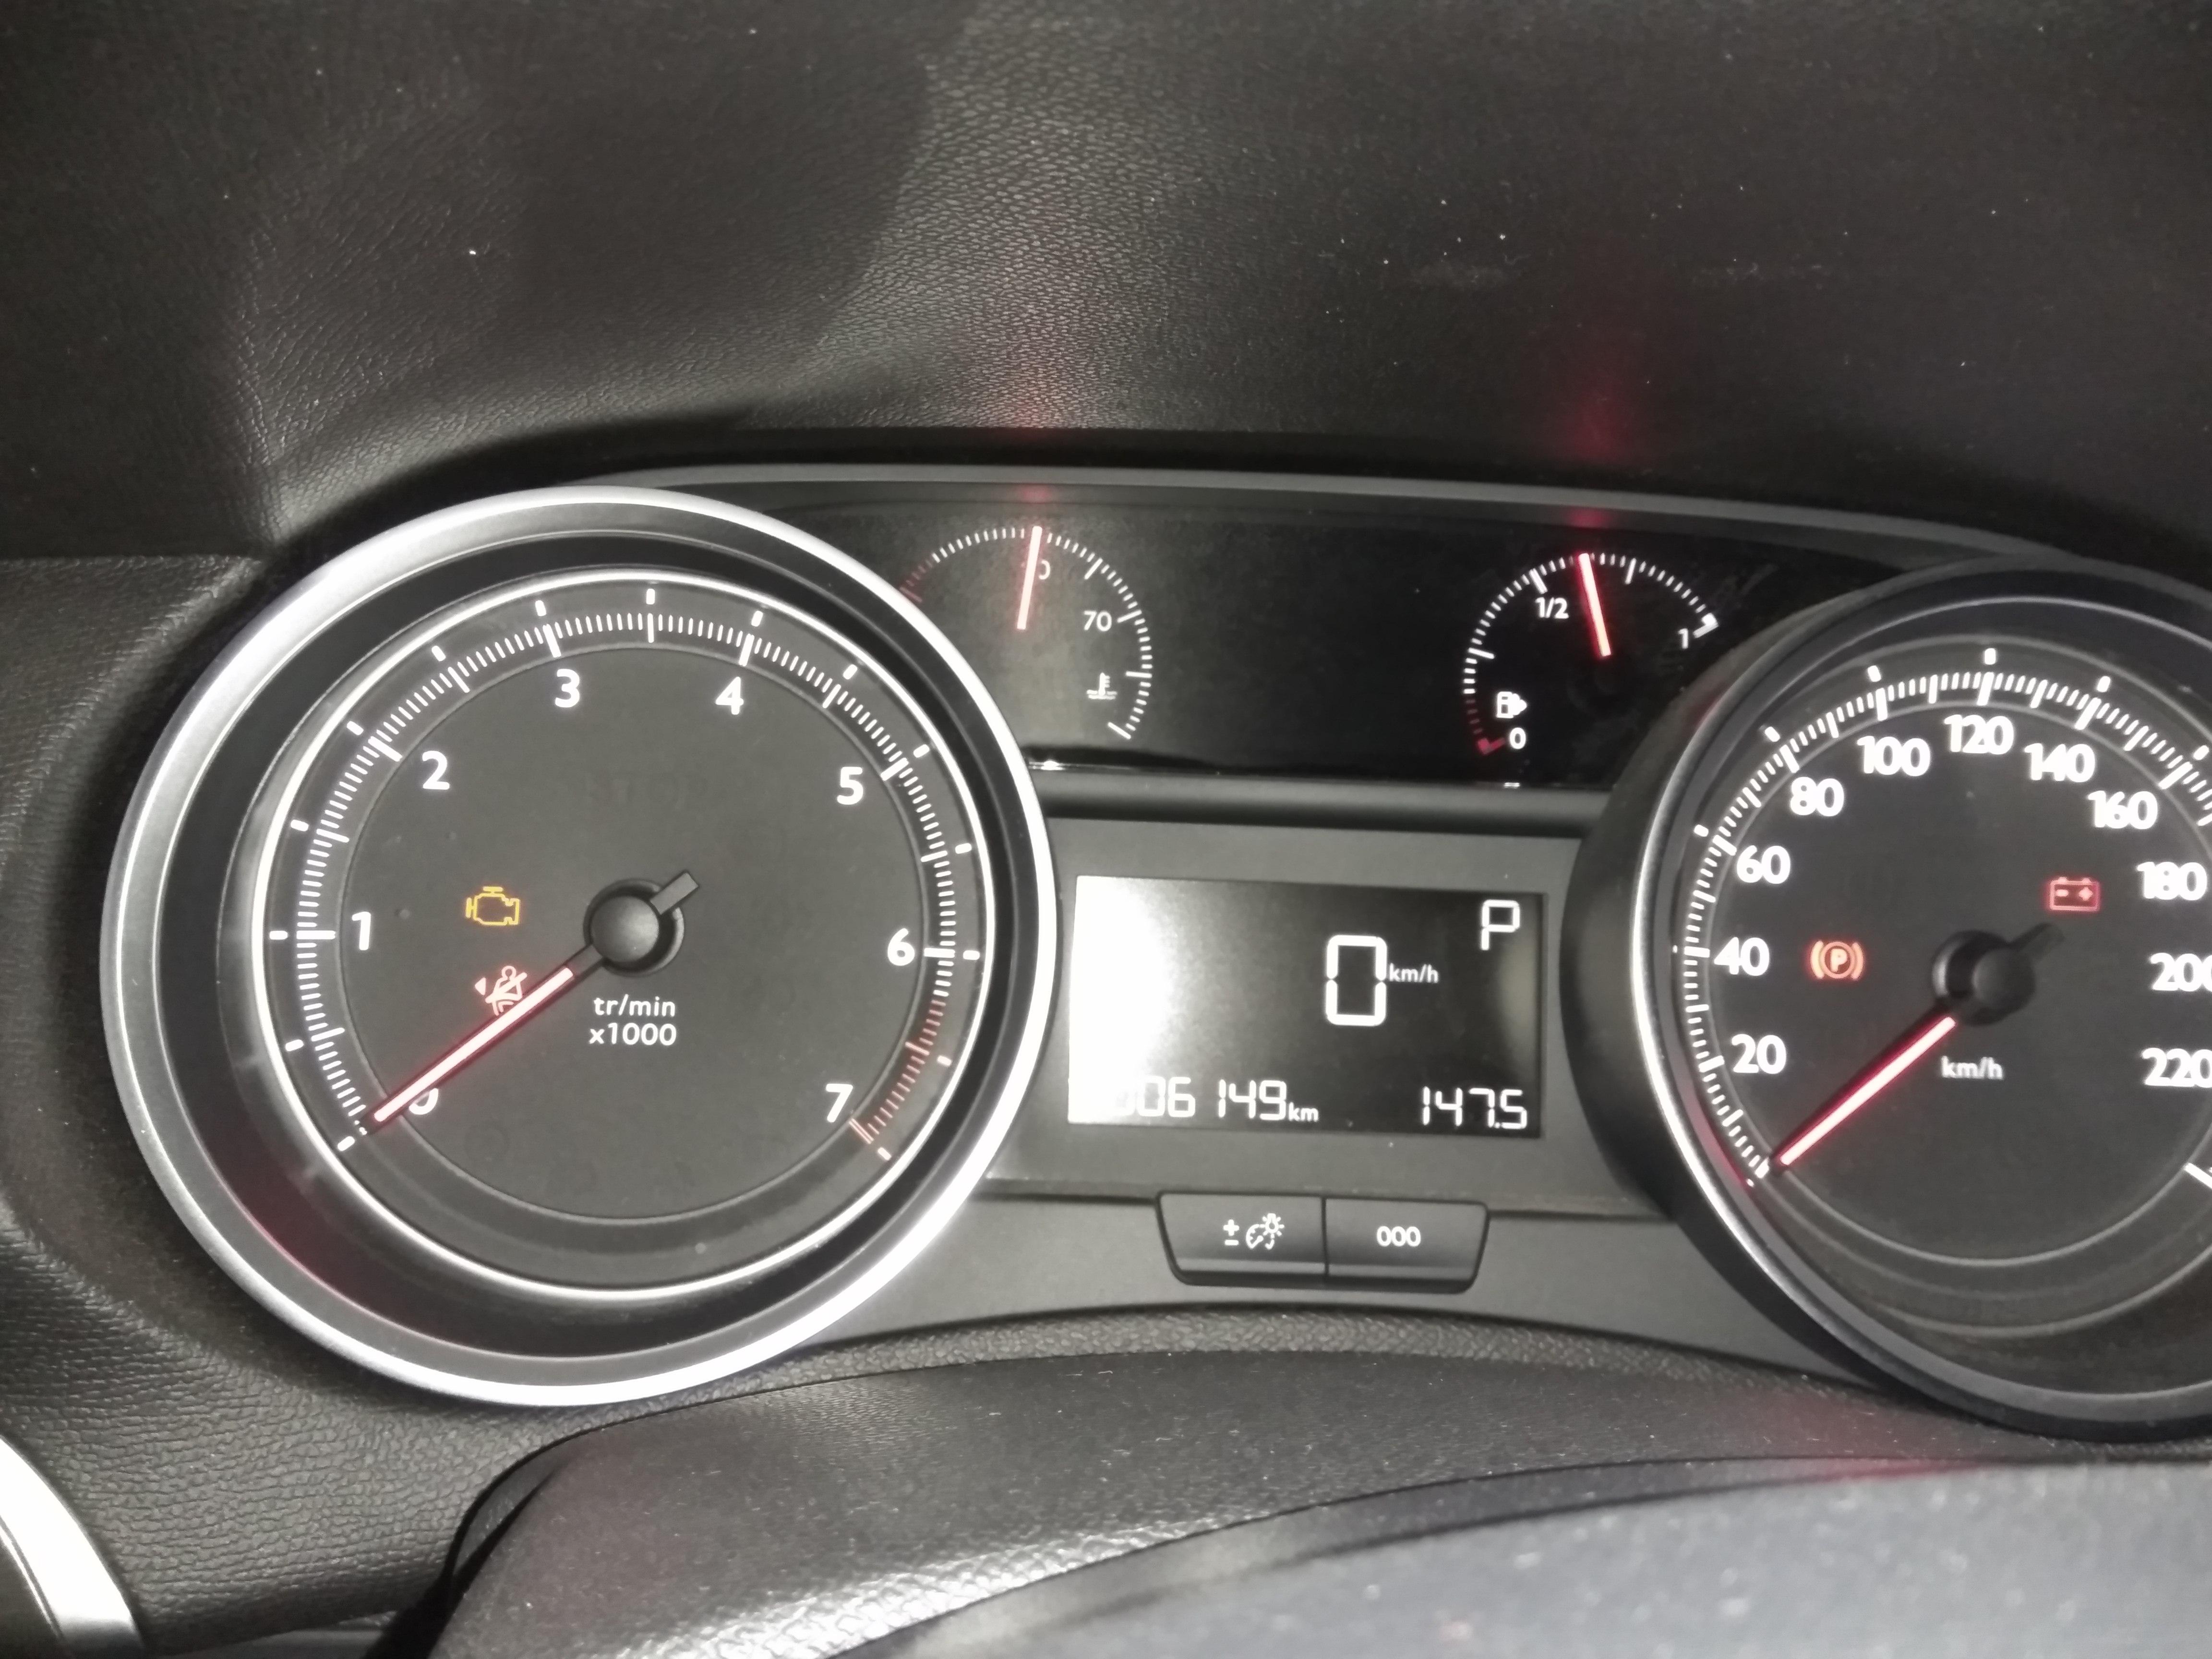 东风标致-标致408 仪表盘故障灯亮起,轮胎开裂,车辆有